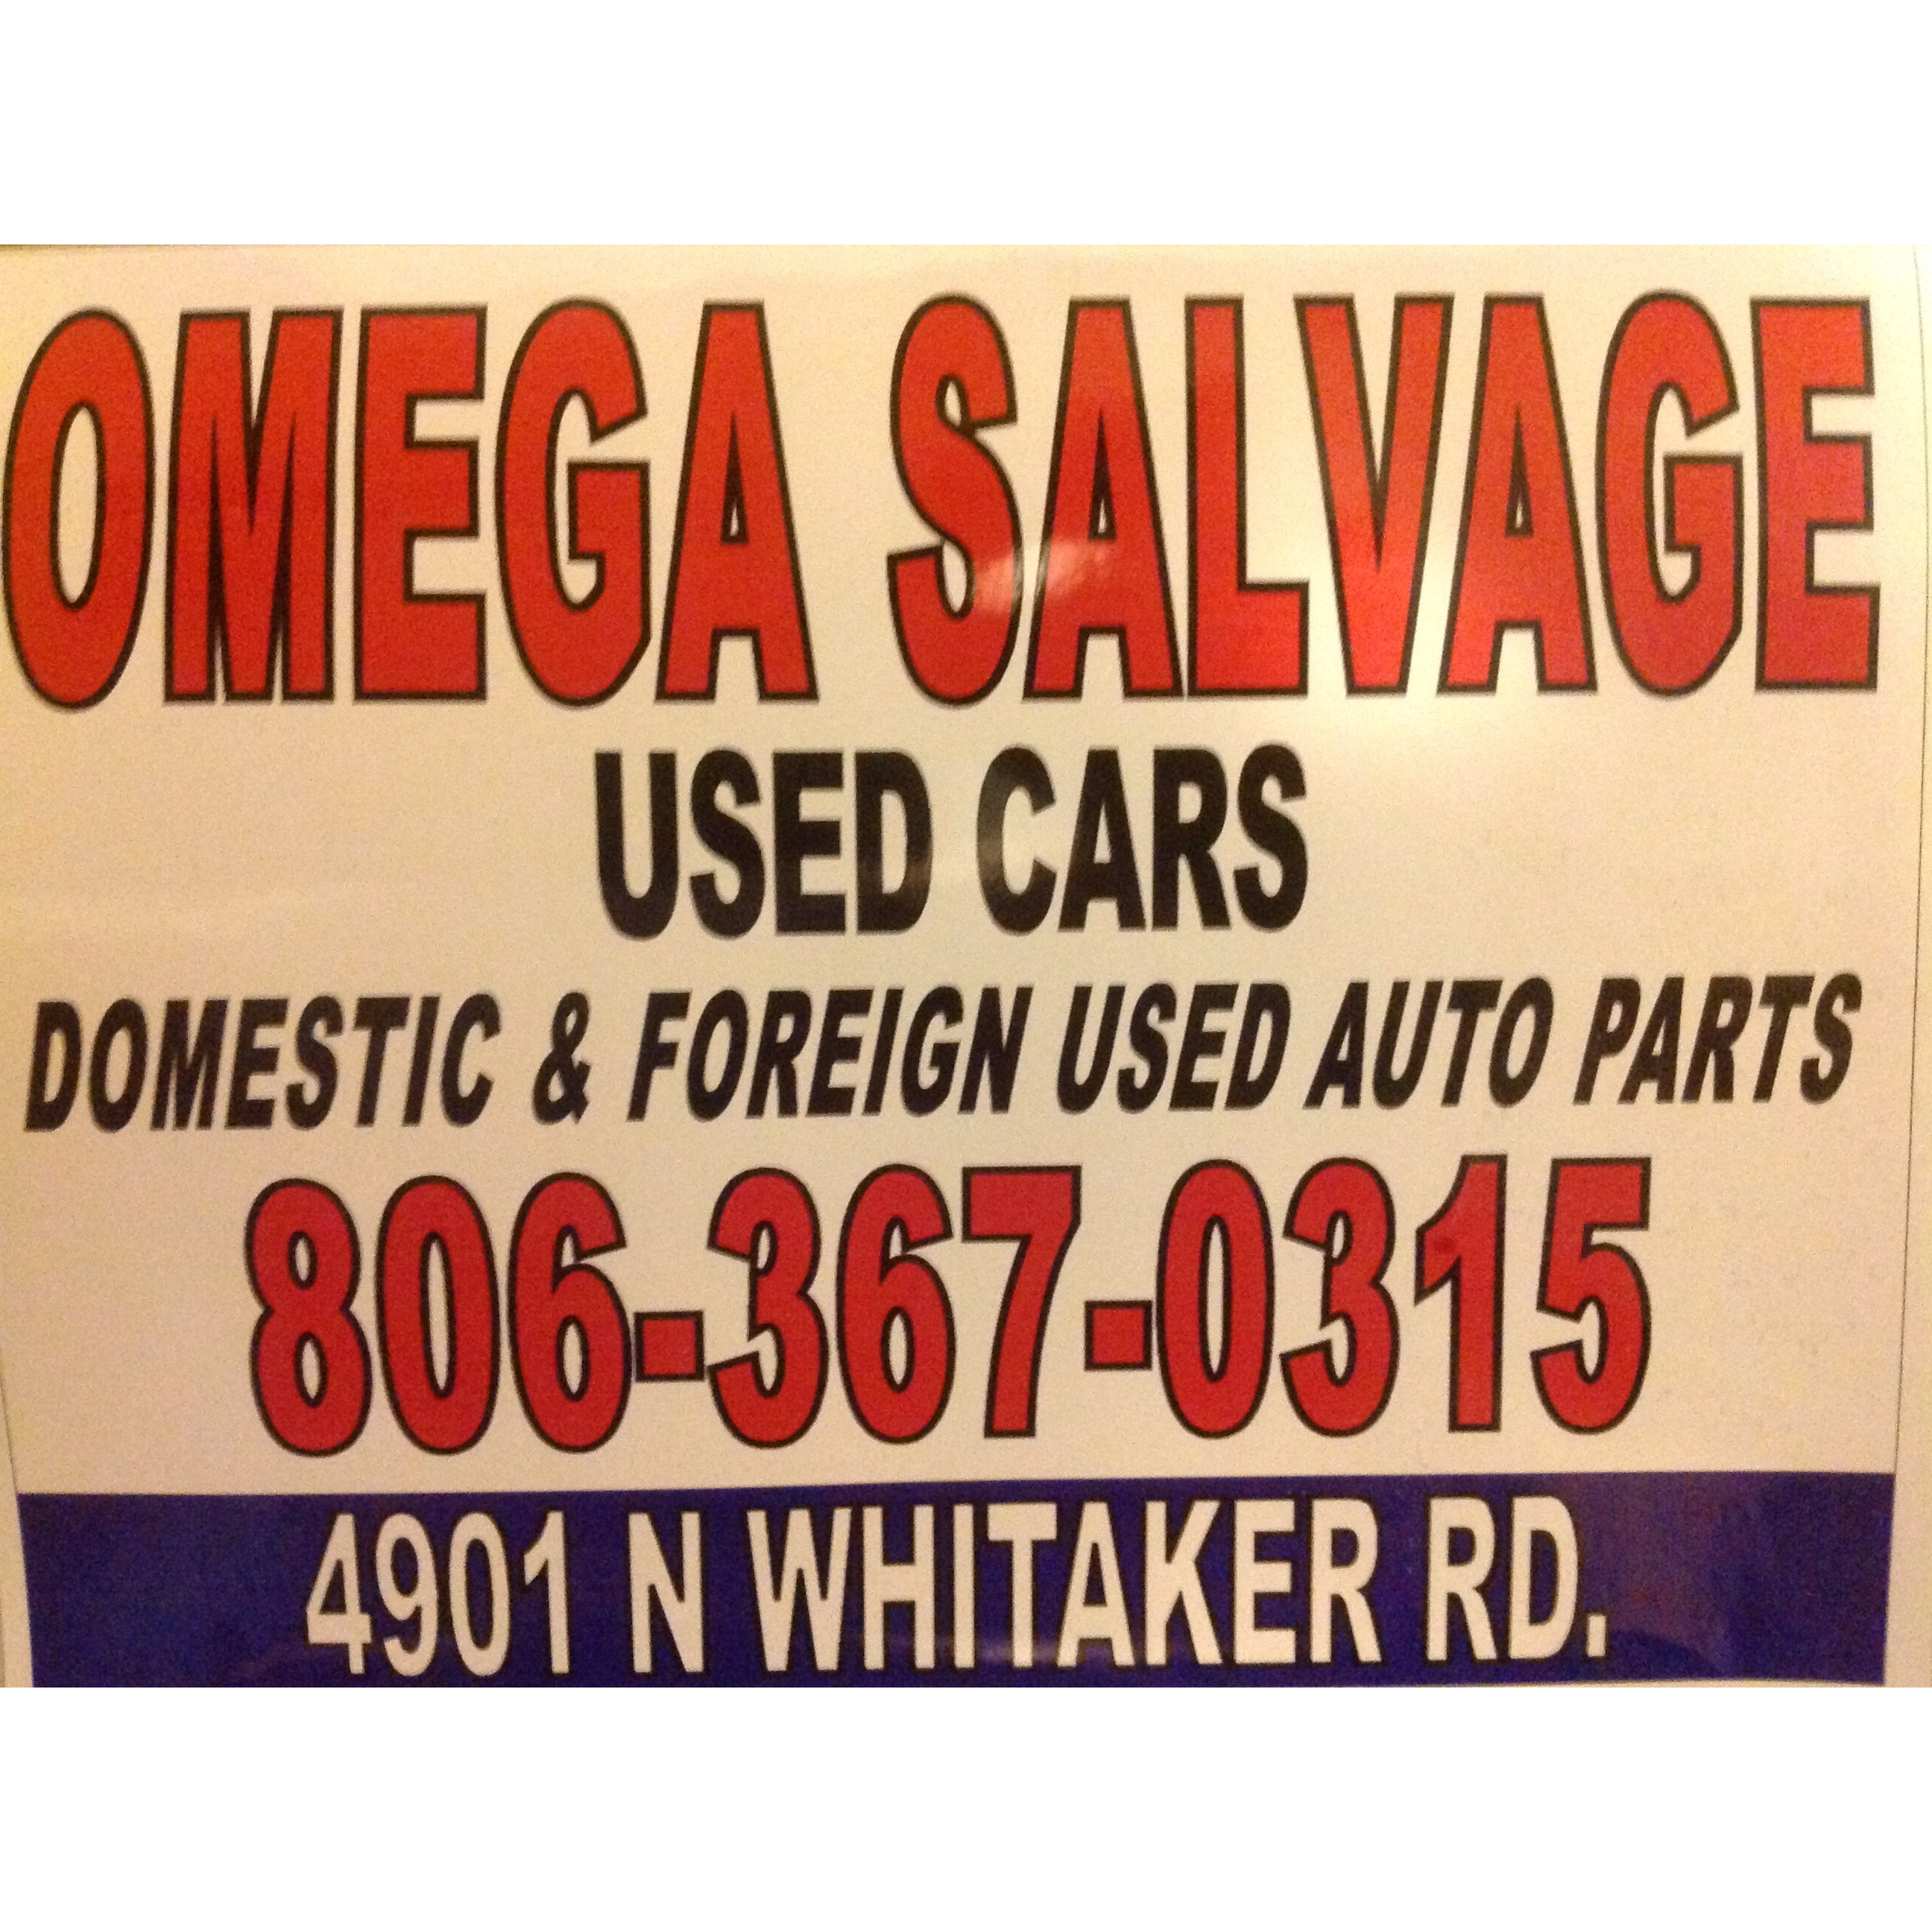 Omega salvage